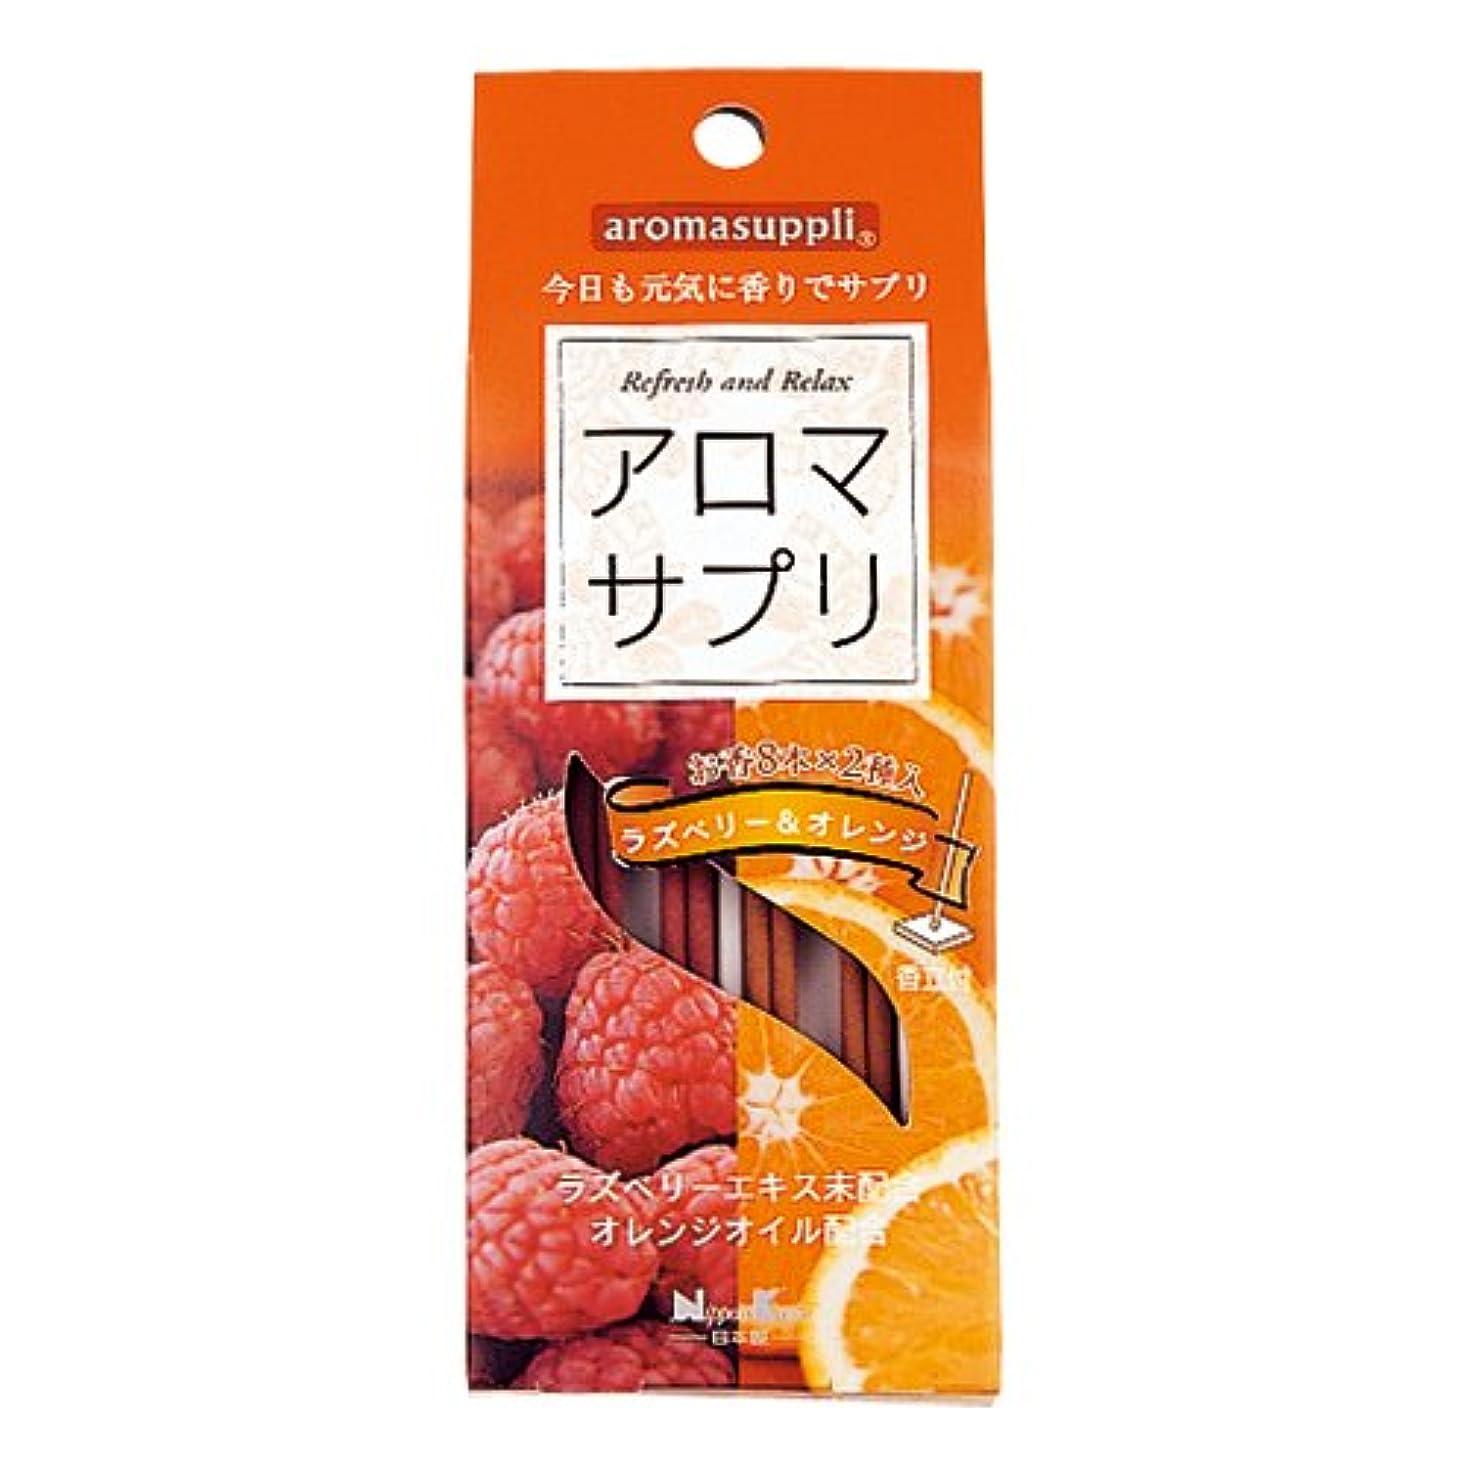 親愛な位置づけるパリティ【X5個セット】 アロマサプリ ラズベリー&オレンジ 8本入×2種